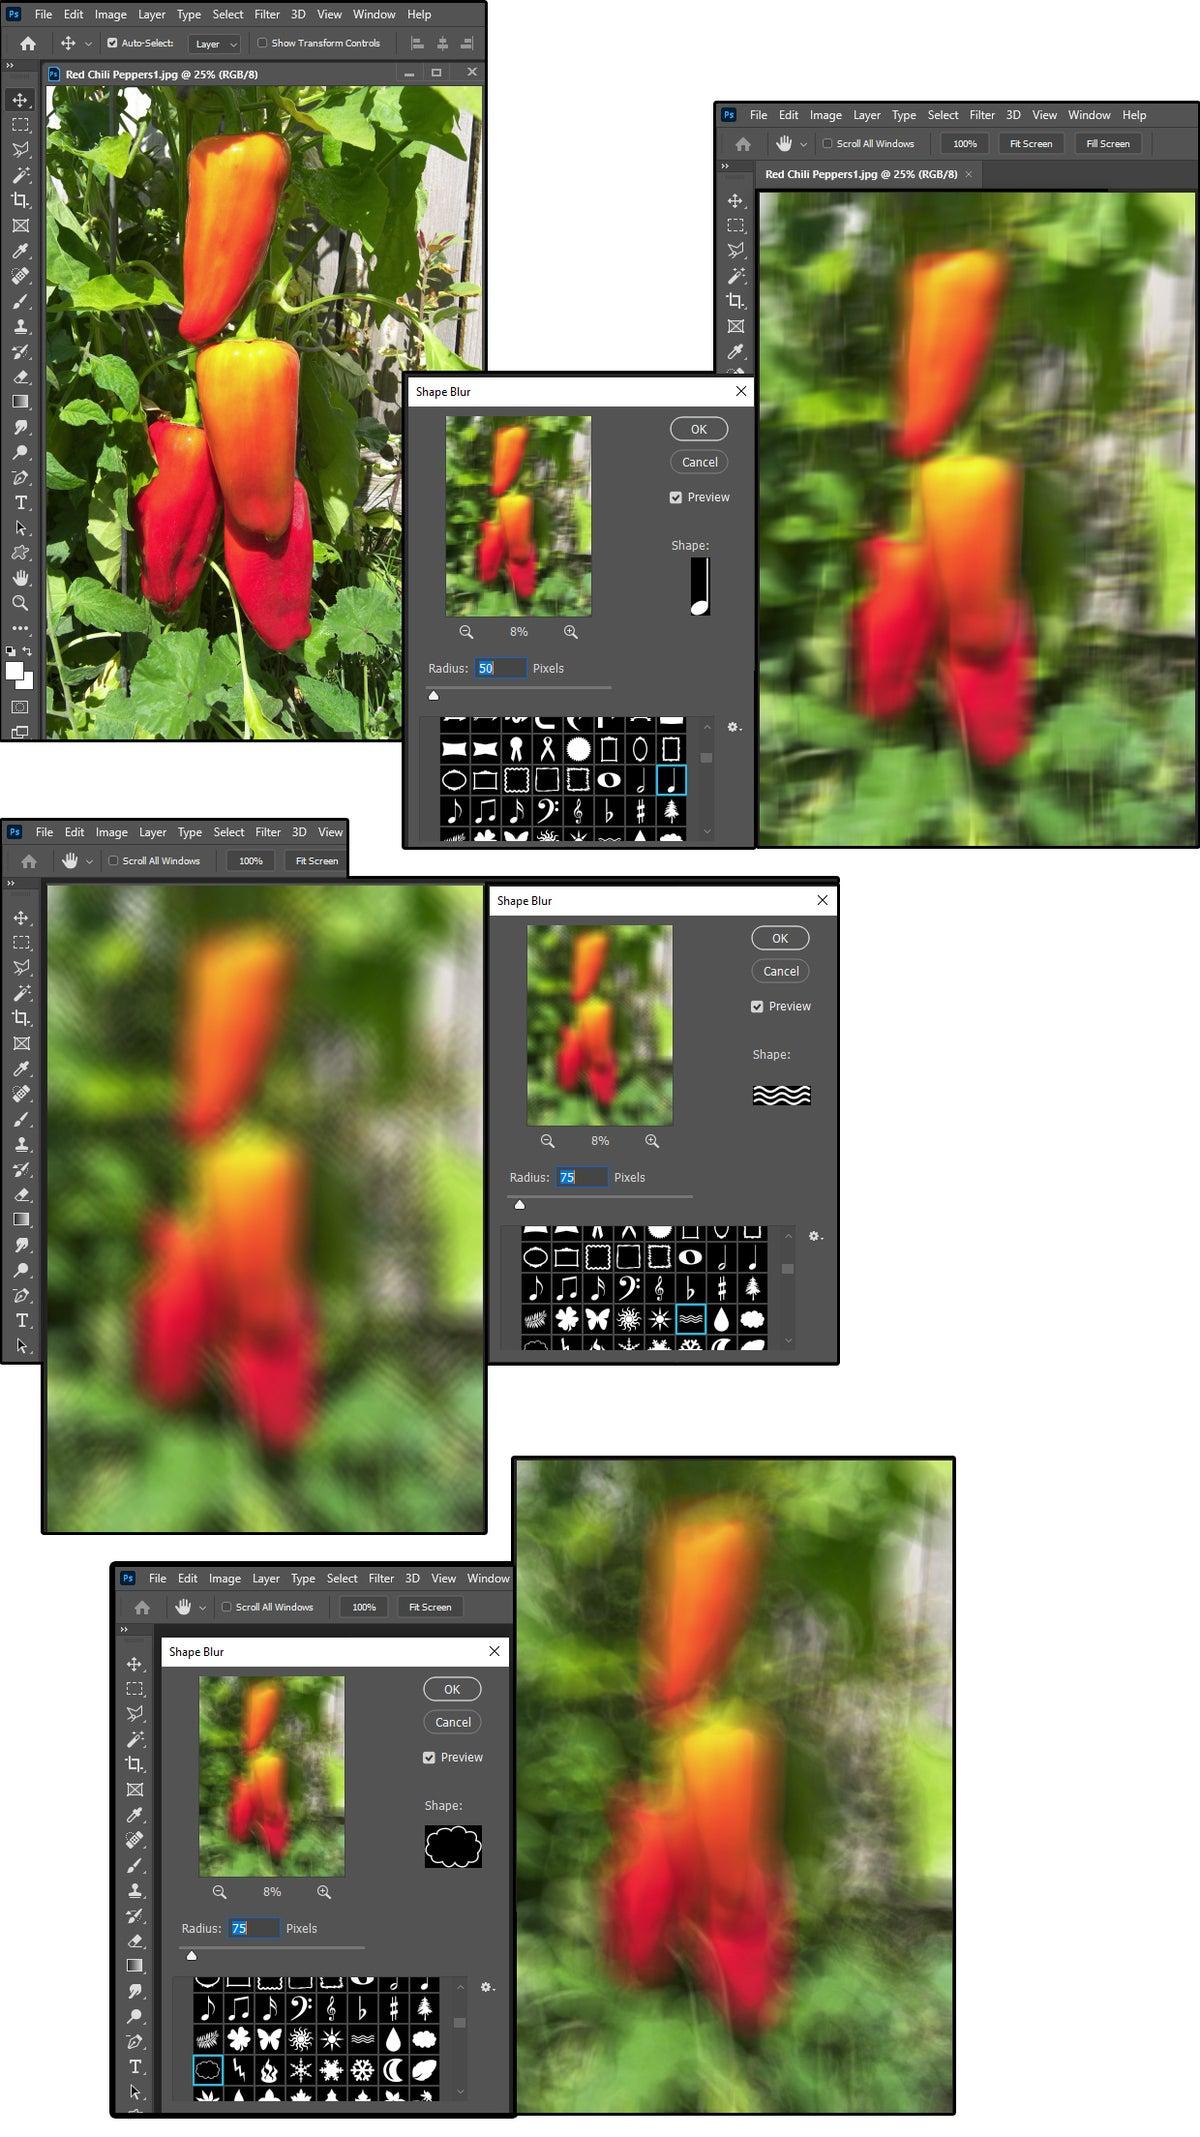 08 photoshops shape blur uses shape presets